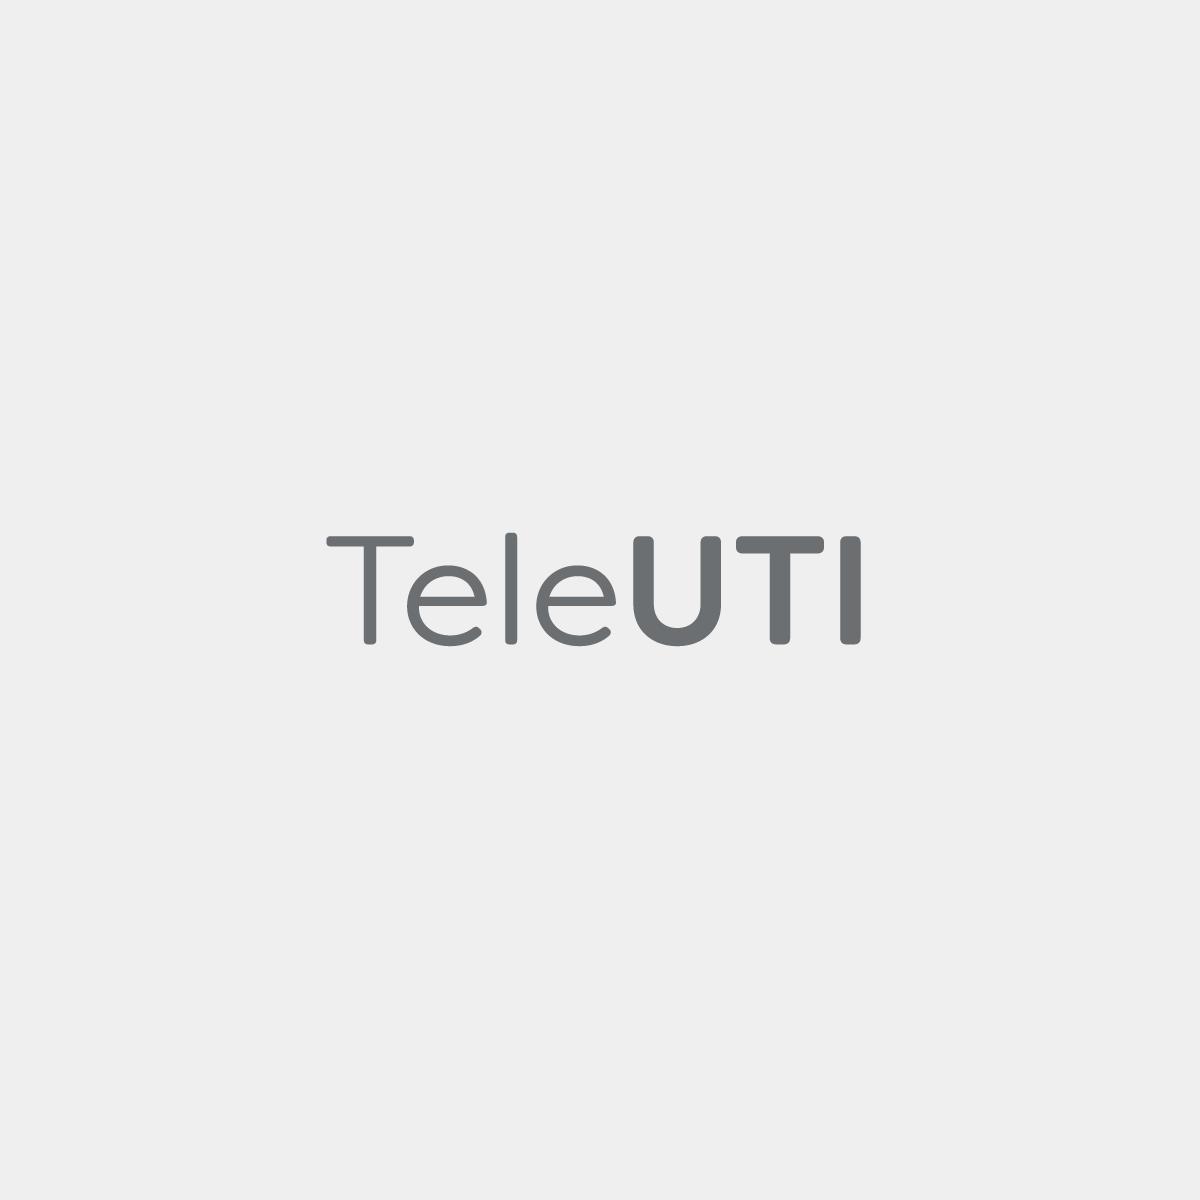 https://brasiltelemedicina.com.br/wp-content/uploads/2016/07/Produtos_TeleUTI-1200x1200.png